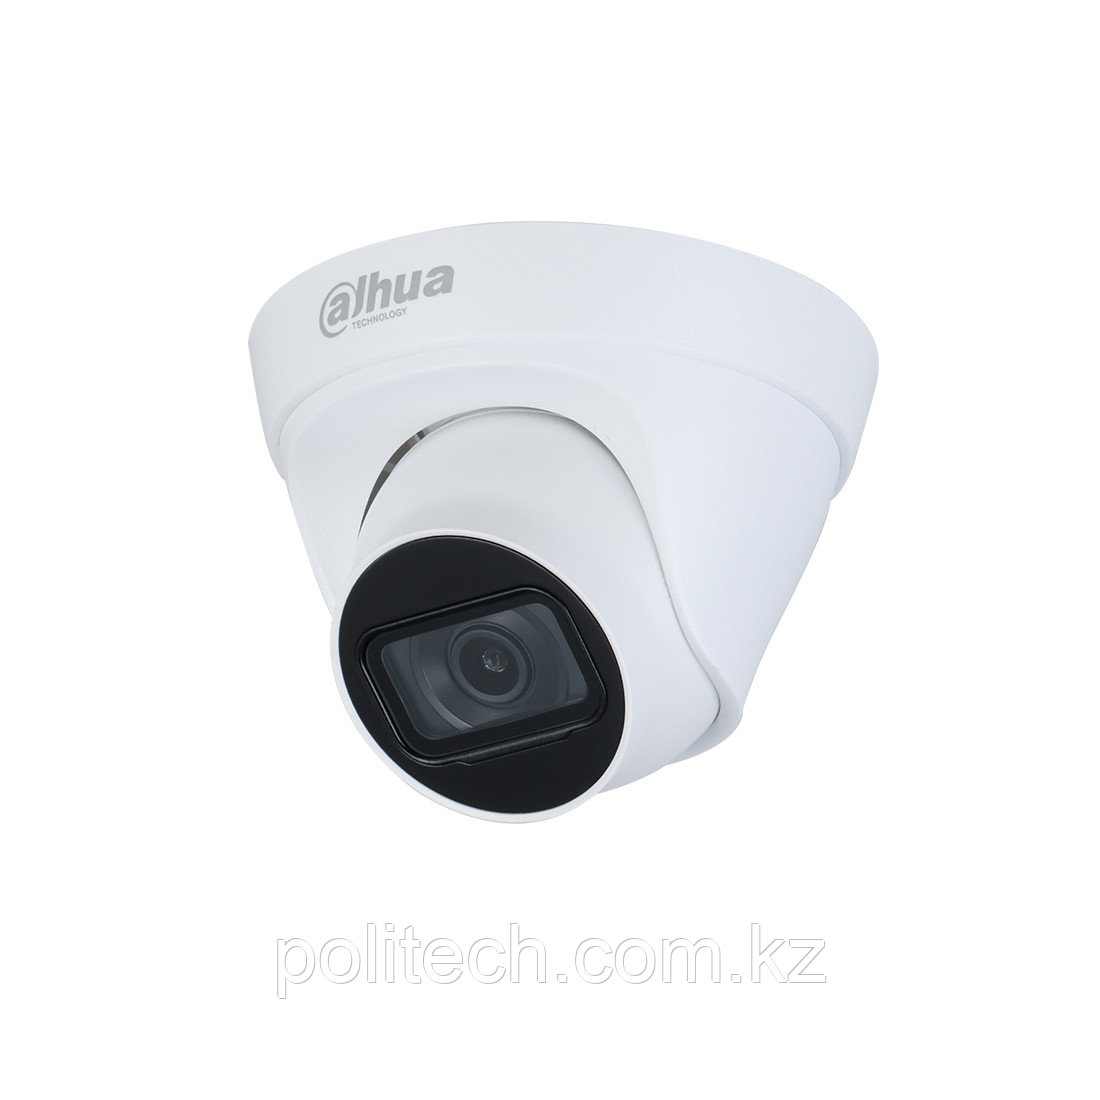 Купольная видеокамера Dahua DH-IPC-HDW1431T1P-0280B